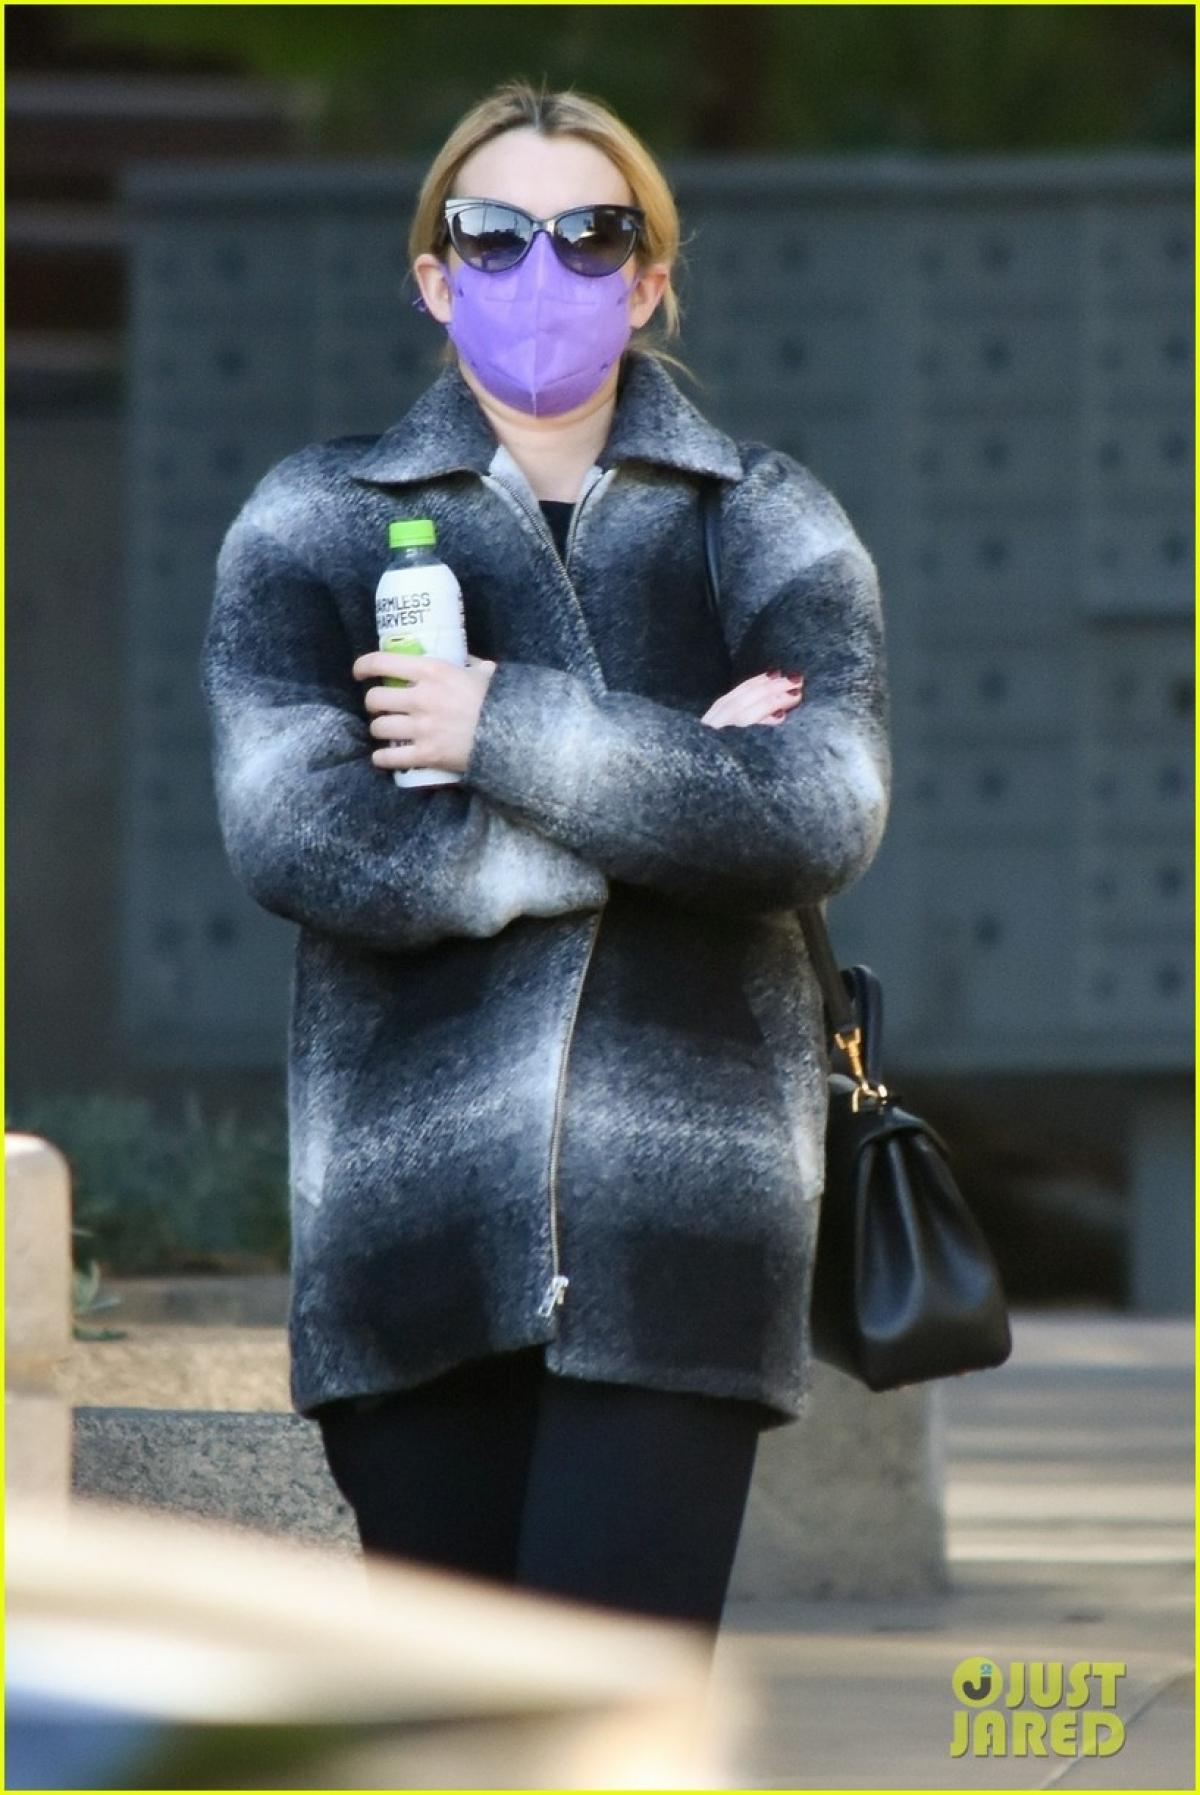 Nữ diễn viên tự tin để mặt mộc, mặc đồ giản dị, kín đáo ra phố.